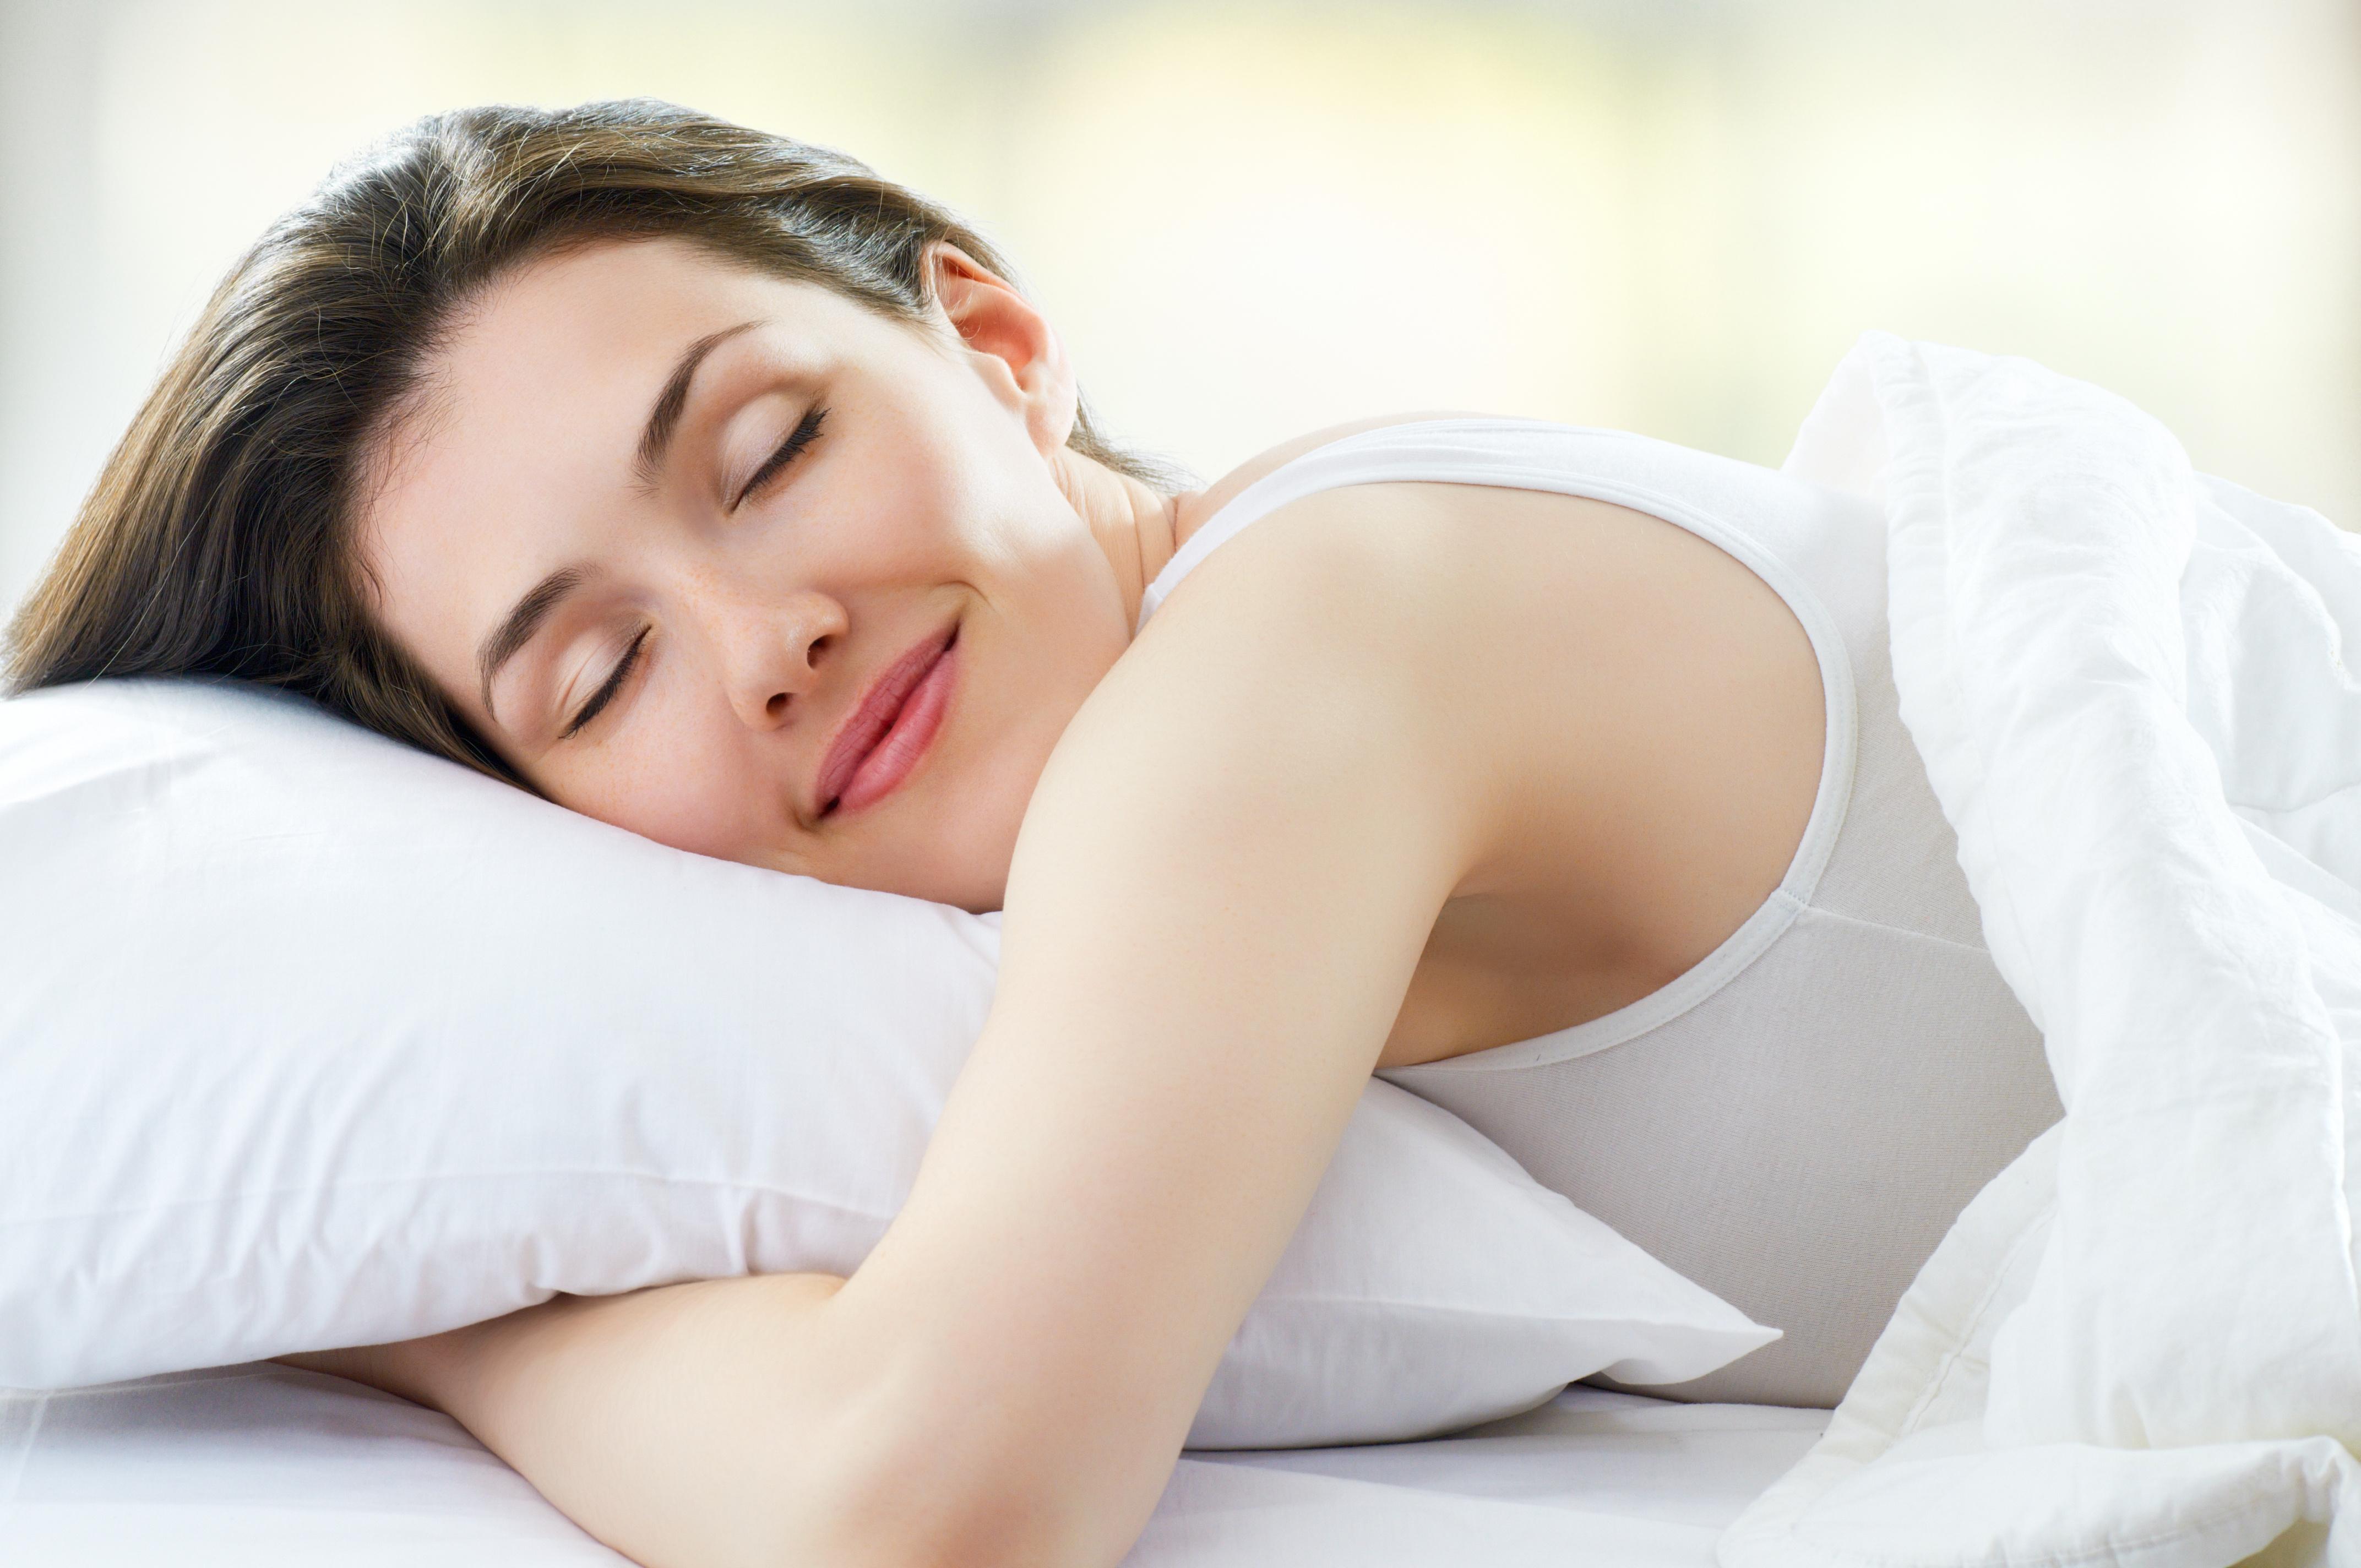 воздушных картинка во время ложиться спать упрямство, целеустремленность настойчивость